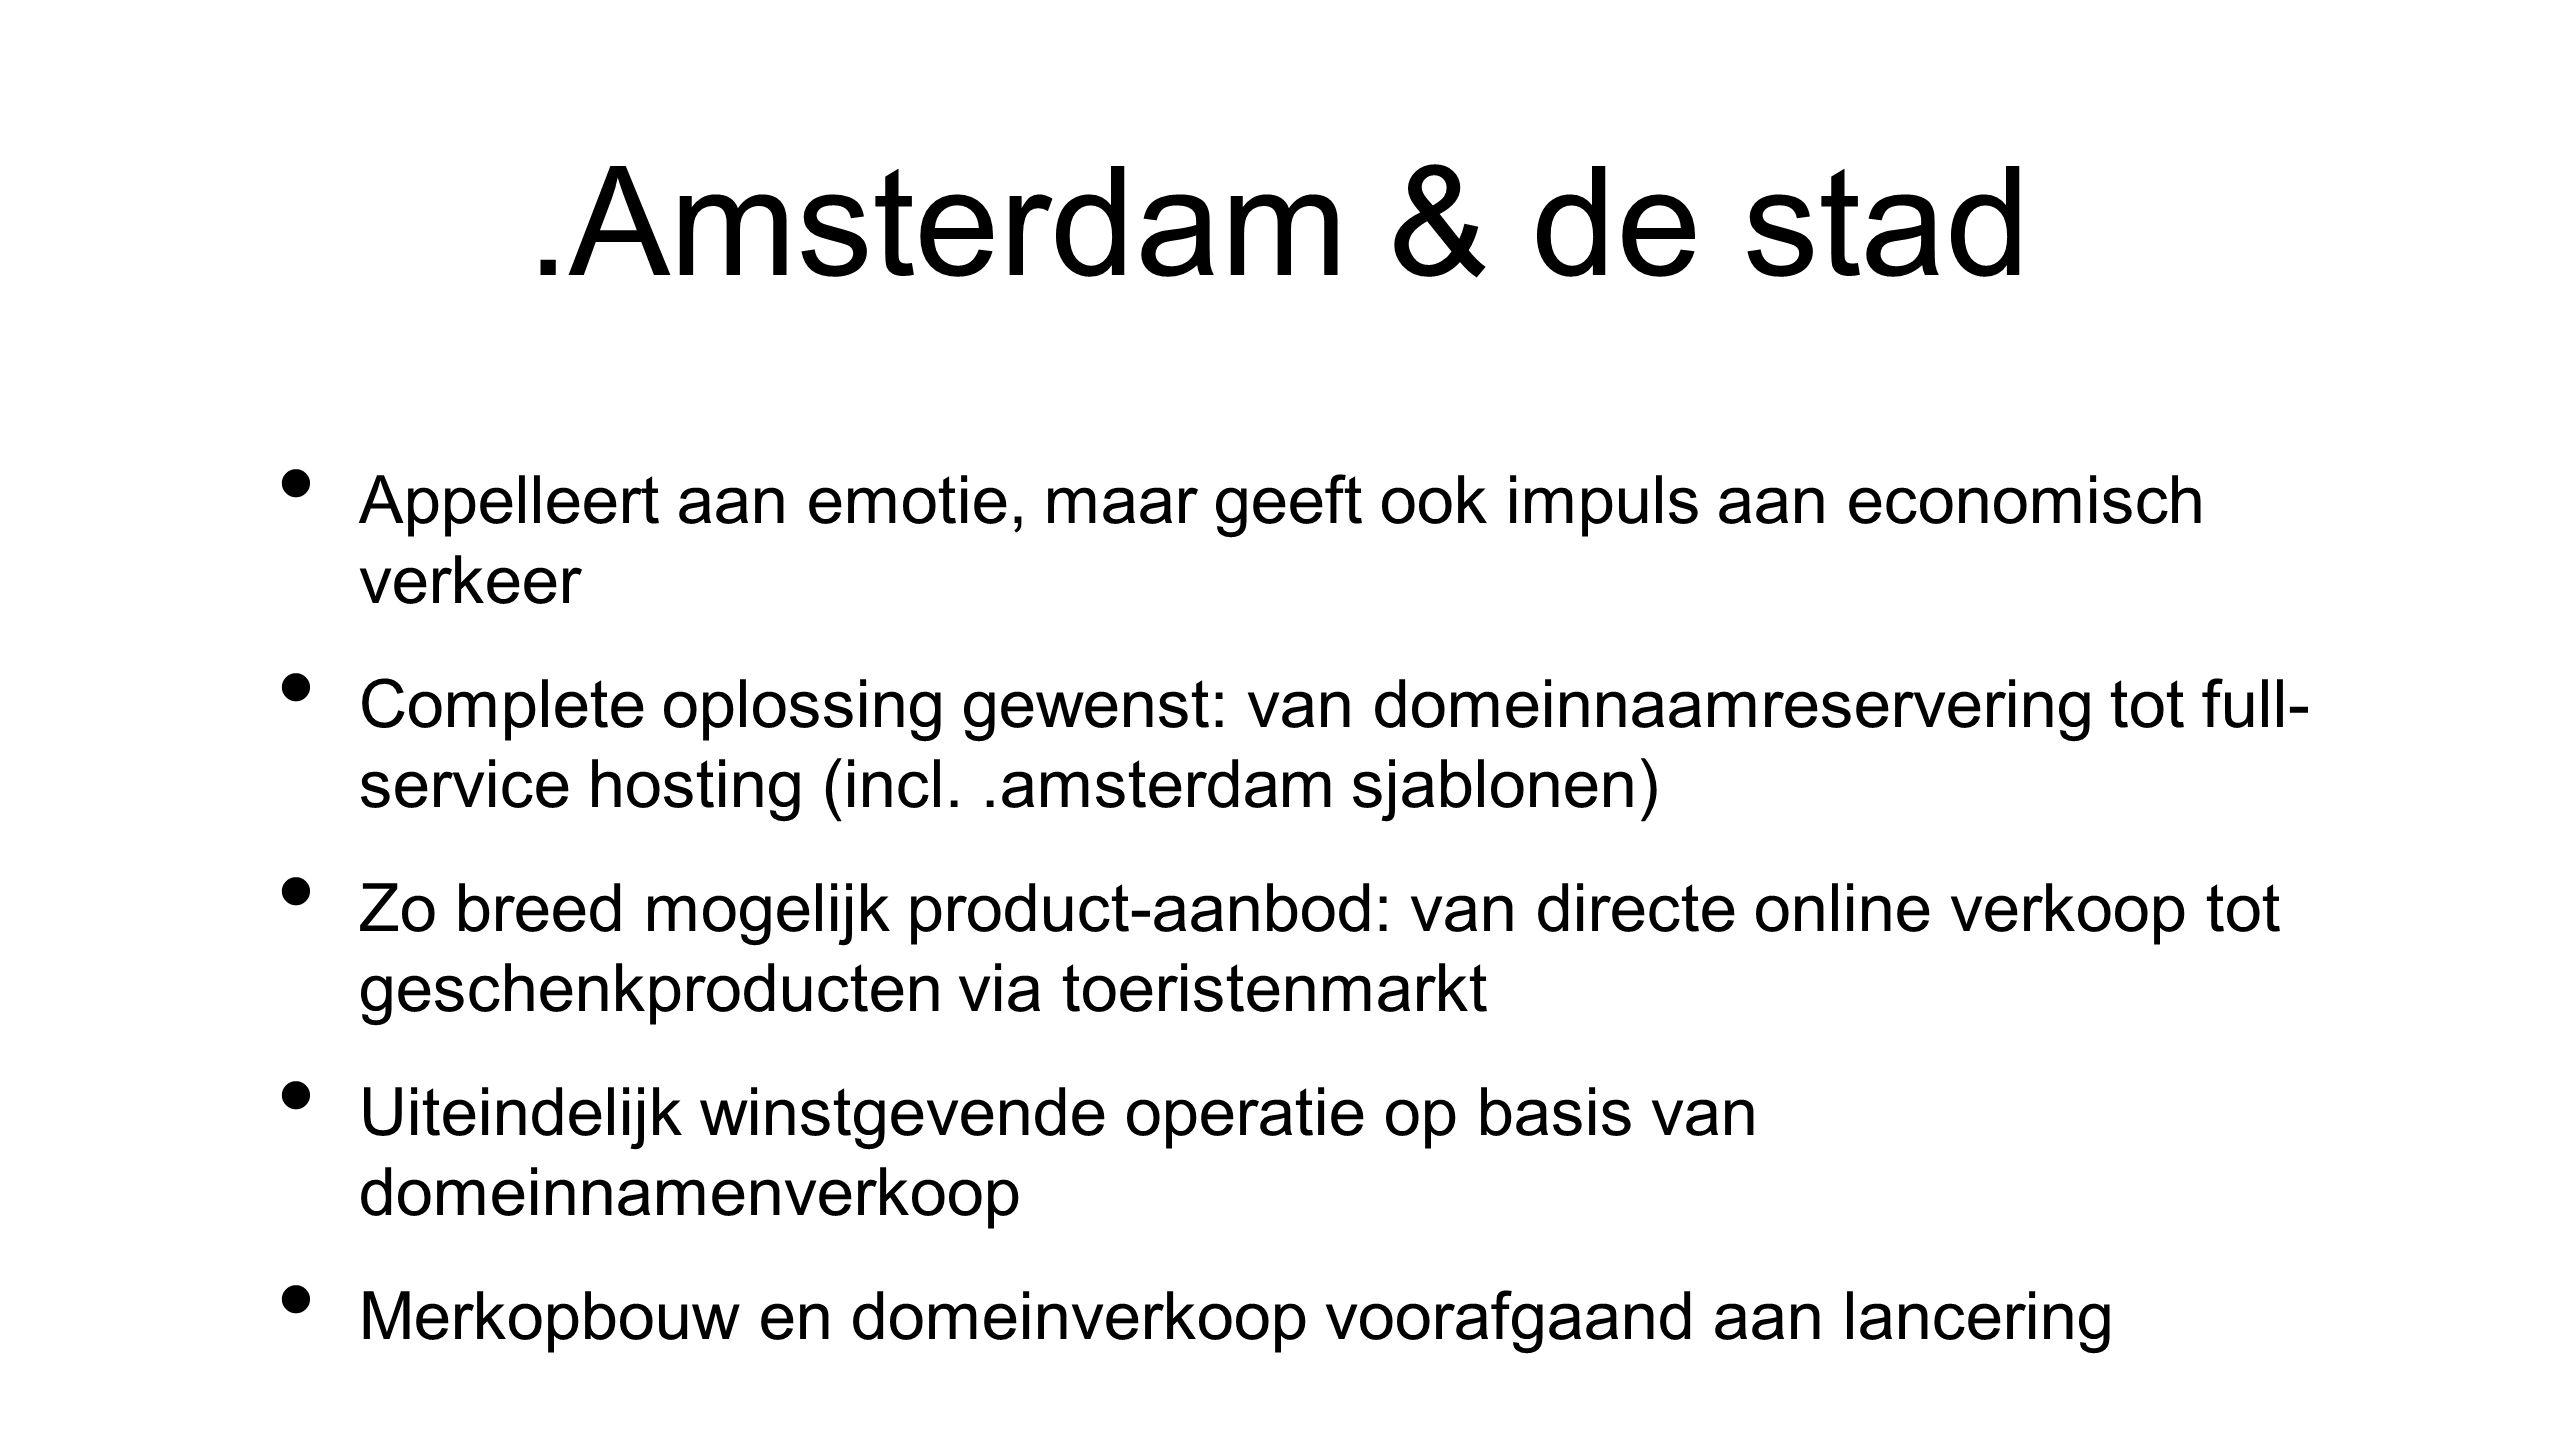 Effecten voor Amsterdam • Verdere versterking merk en verbinding Amsterdam, zowel voor bedrijfsleven als voor burgers.